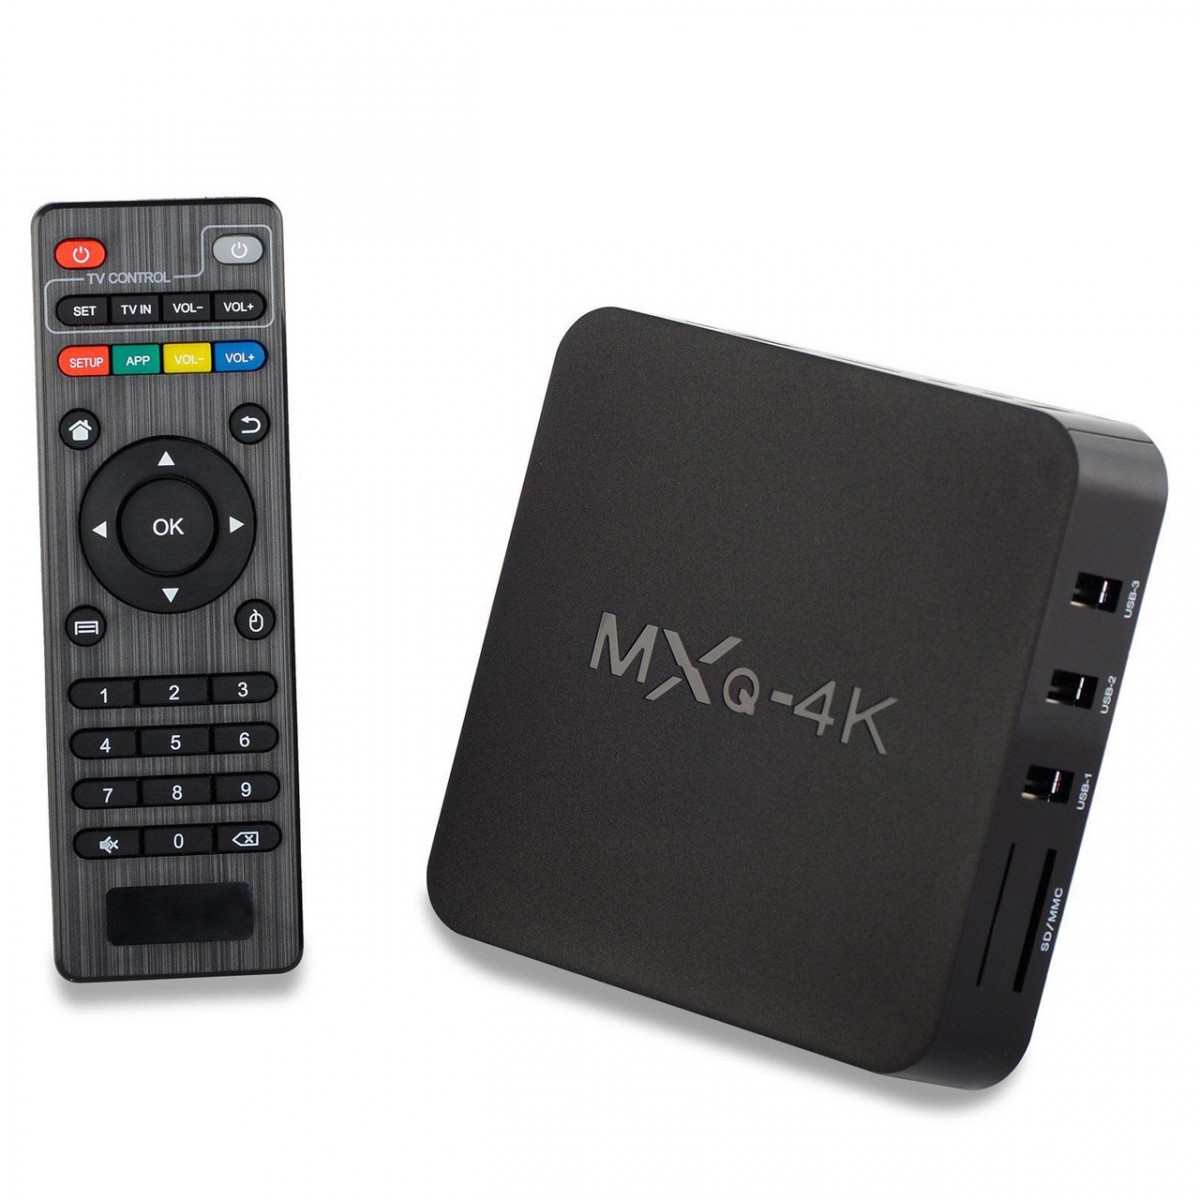 Смарт ТВ-приставка MAQ-4k